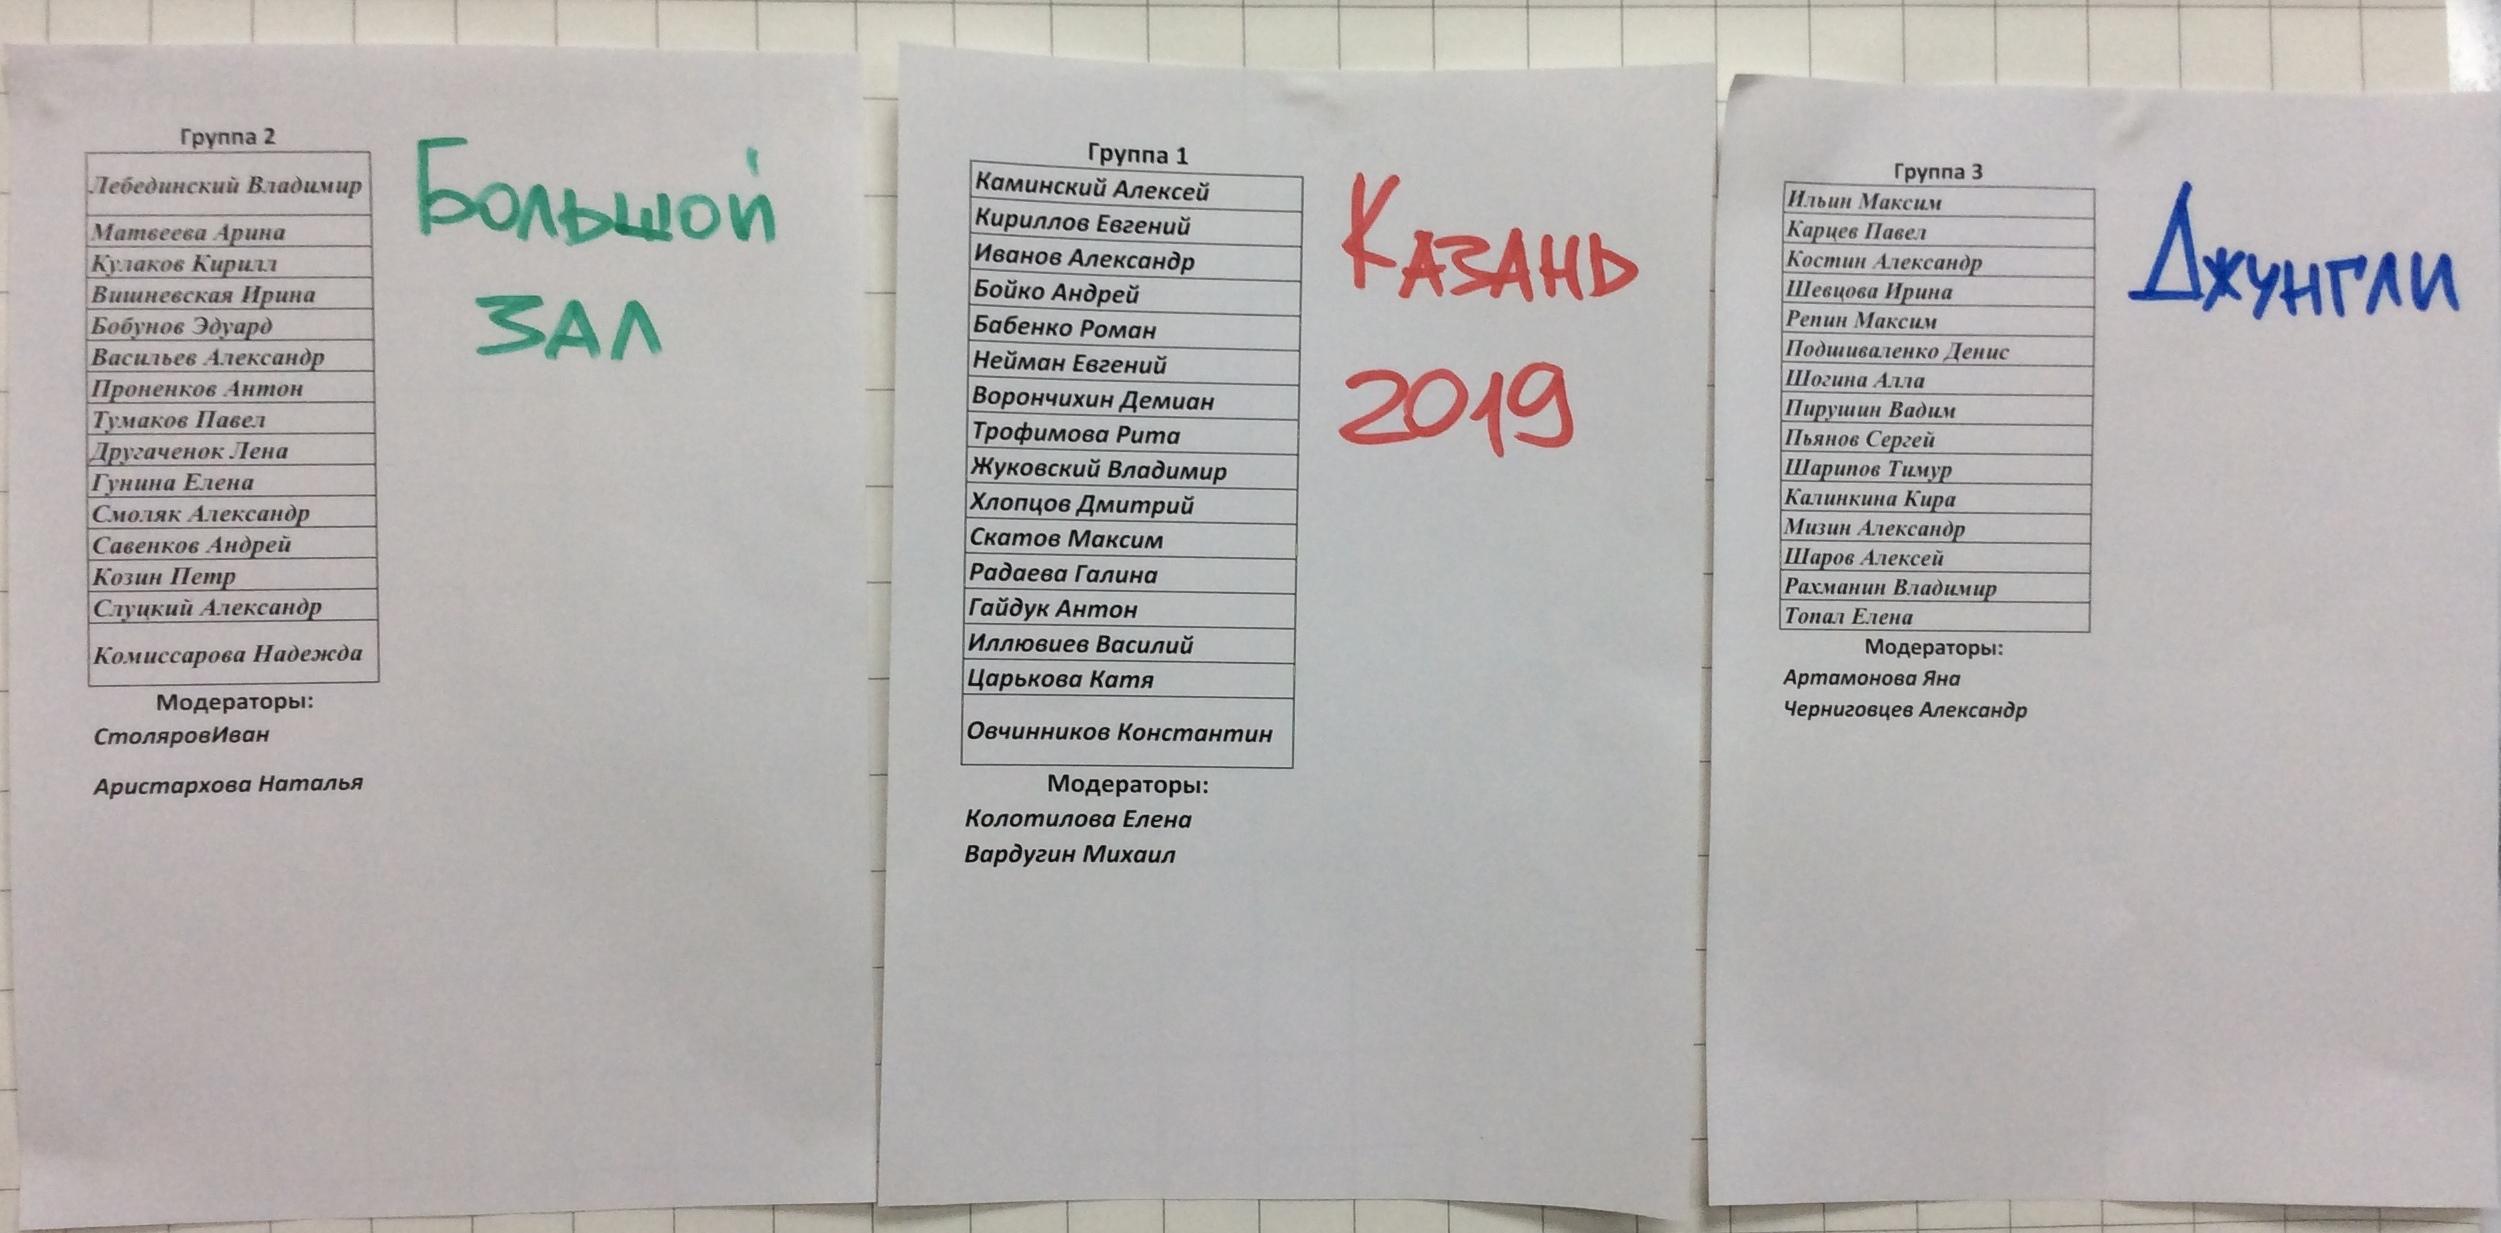 Библиотека оценщика ru С 22 по 23 сентября 2016 года в Москве в Точке кипения АСИ и МФТИ прошла форсайт сессия Трансформация оценочной деятельности на которую приехали